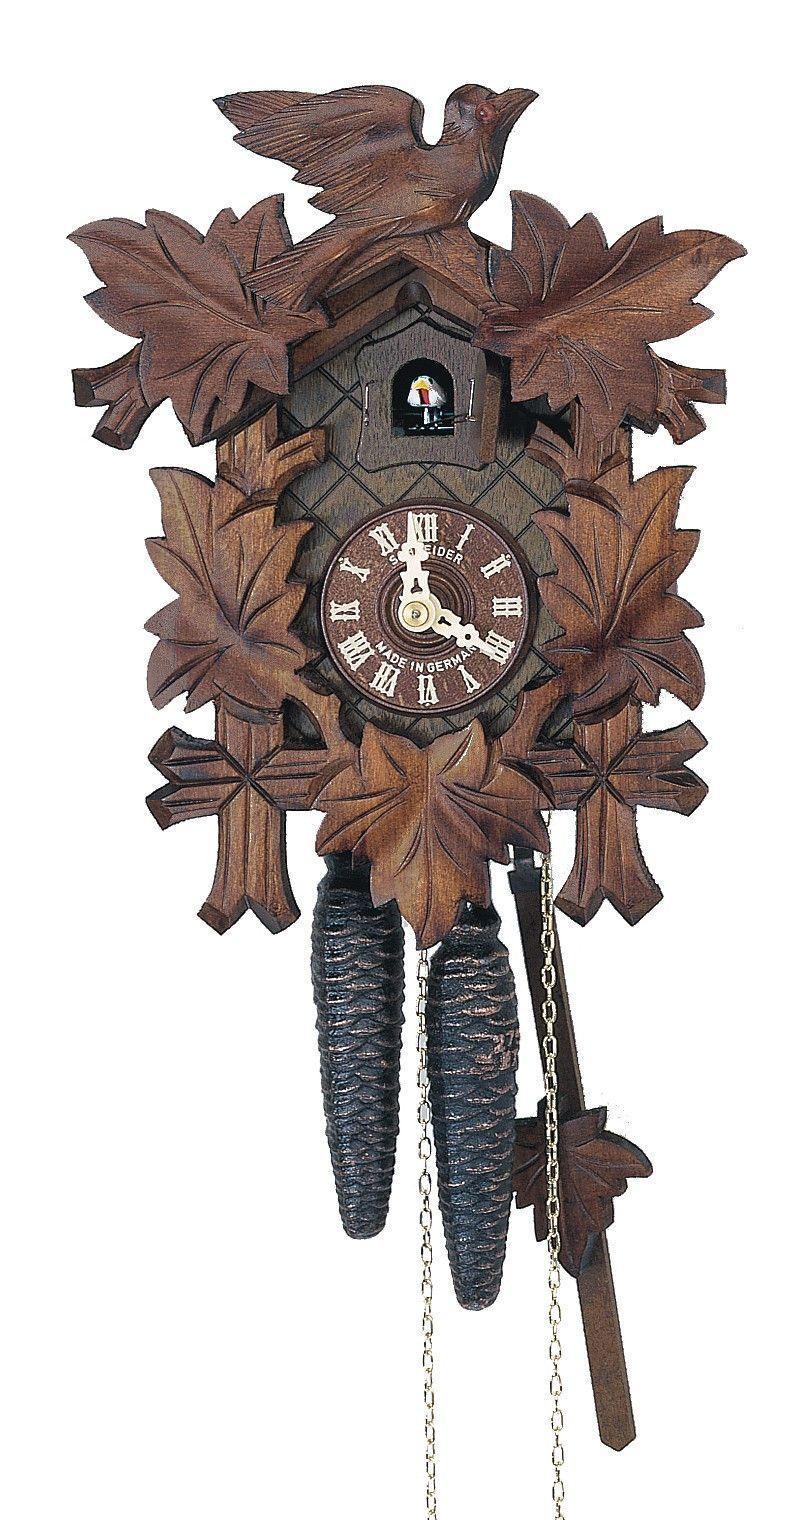 Мы поставляем только оригинальные часы с кукушкой непосредственно из шварцвальда.